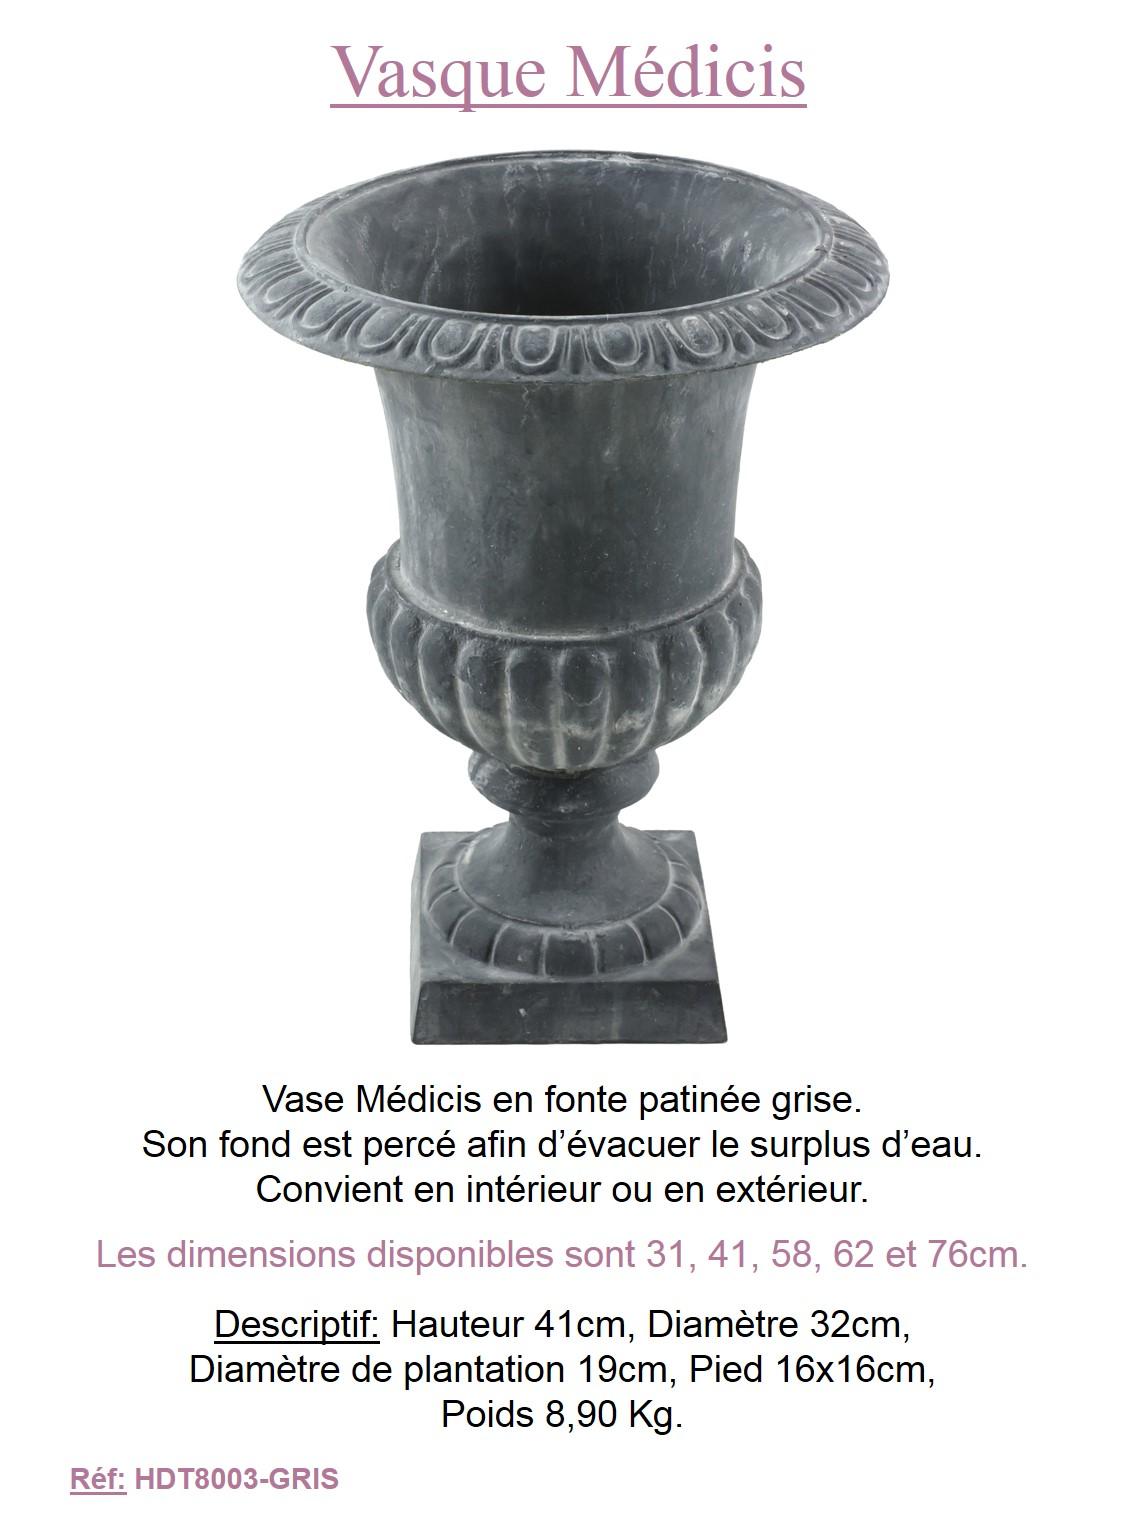 Vase vasque medicis fonte jardiniere bac cache pot deco plantation jardin 41cm ebay for Jardiniere vasque jardin